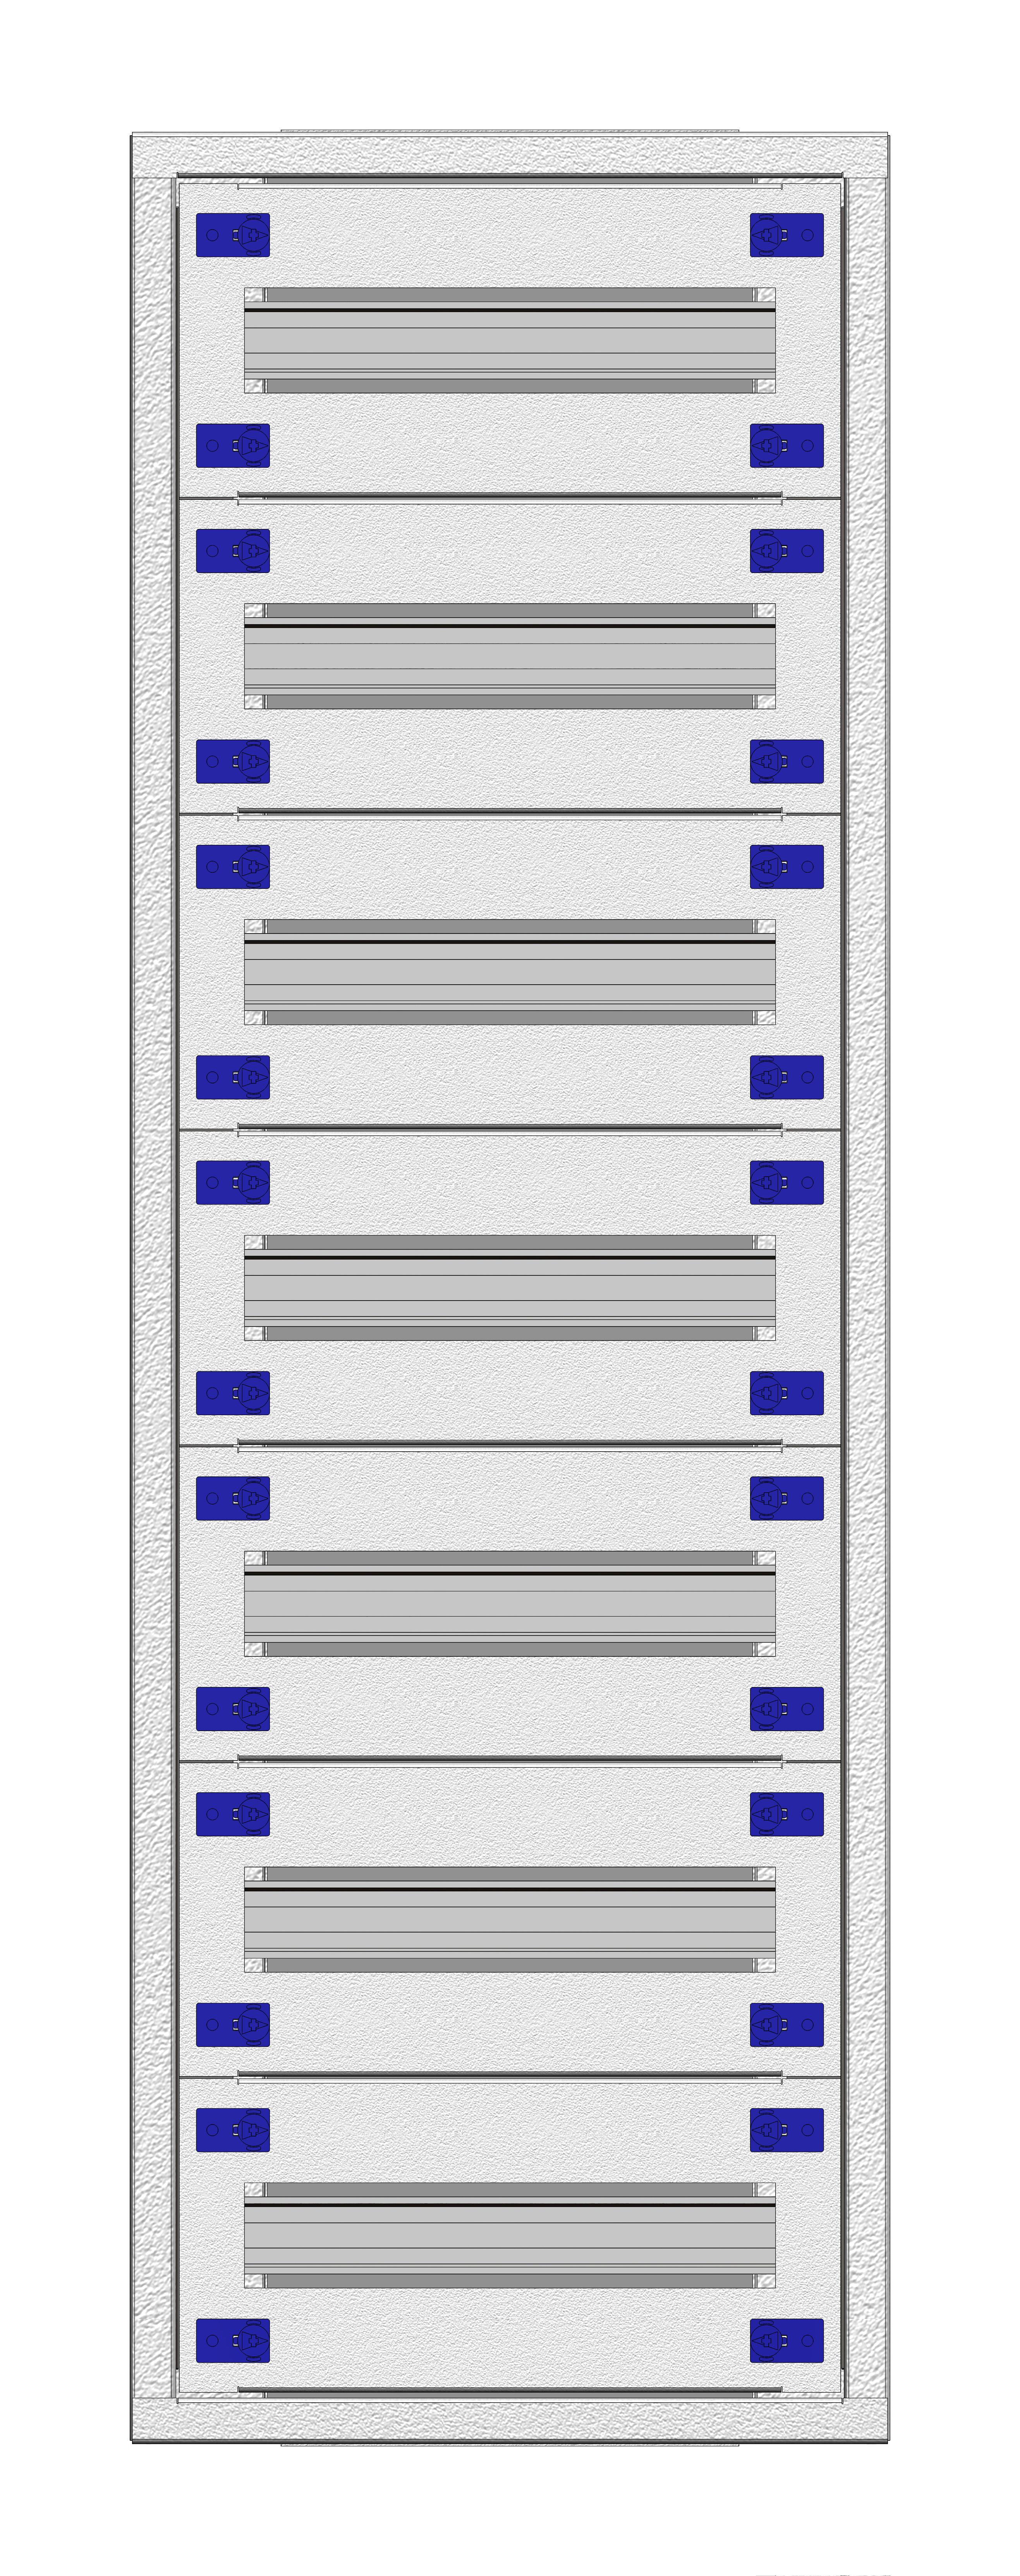 1 Stk Aufputz-Installationsverteiler 1A-21L, H1055B380T250mm IL172121AK